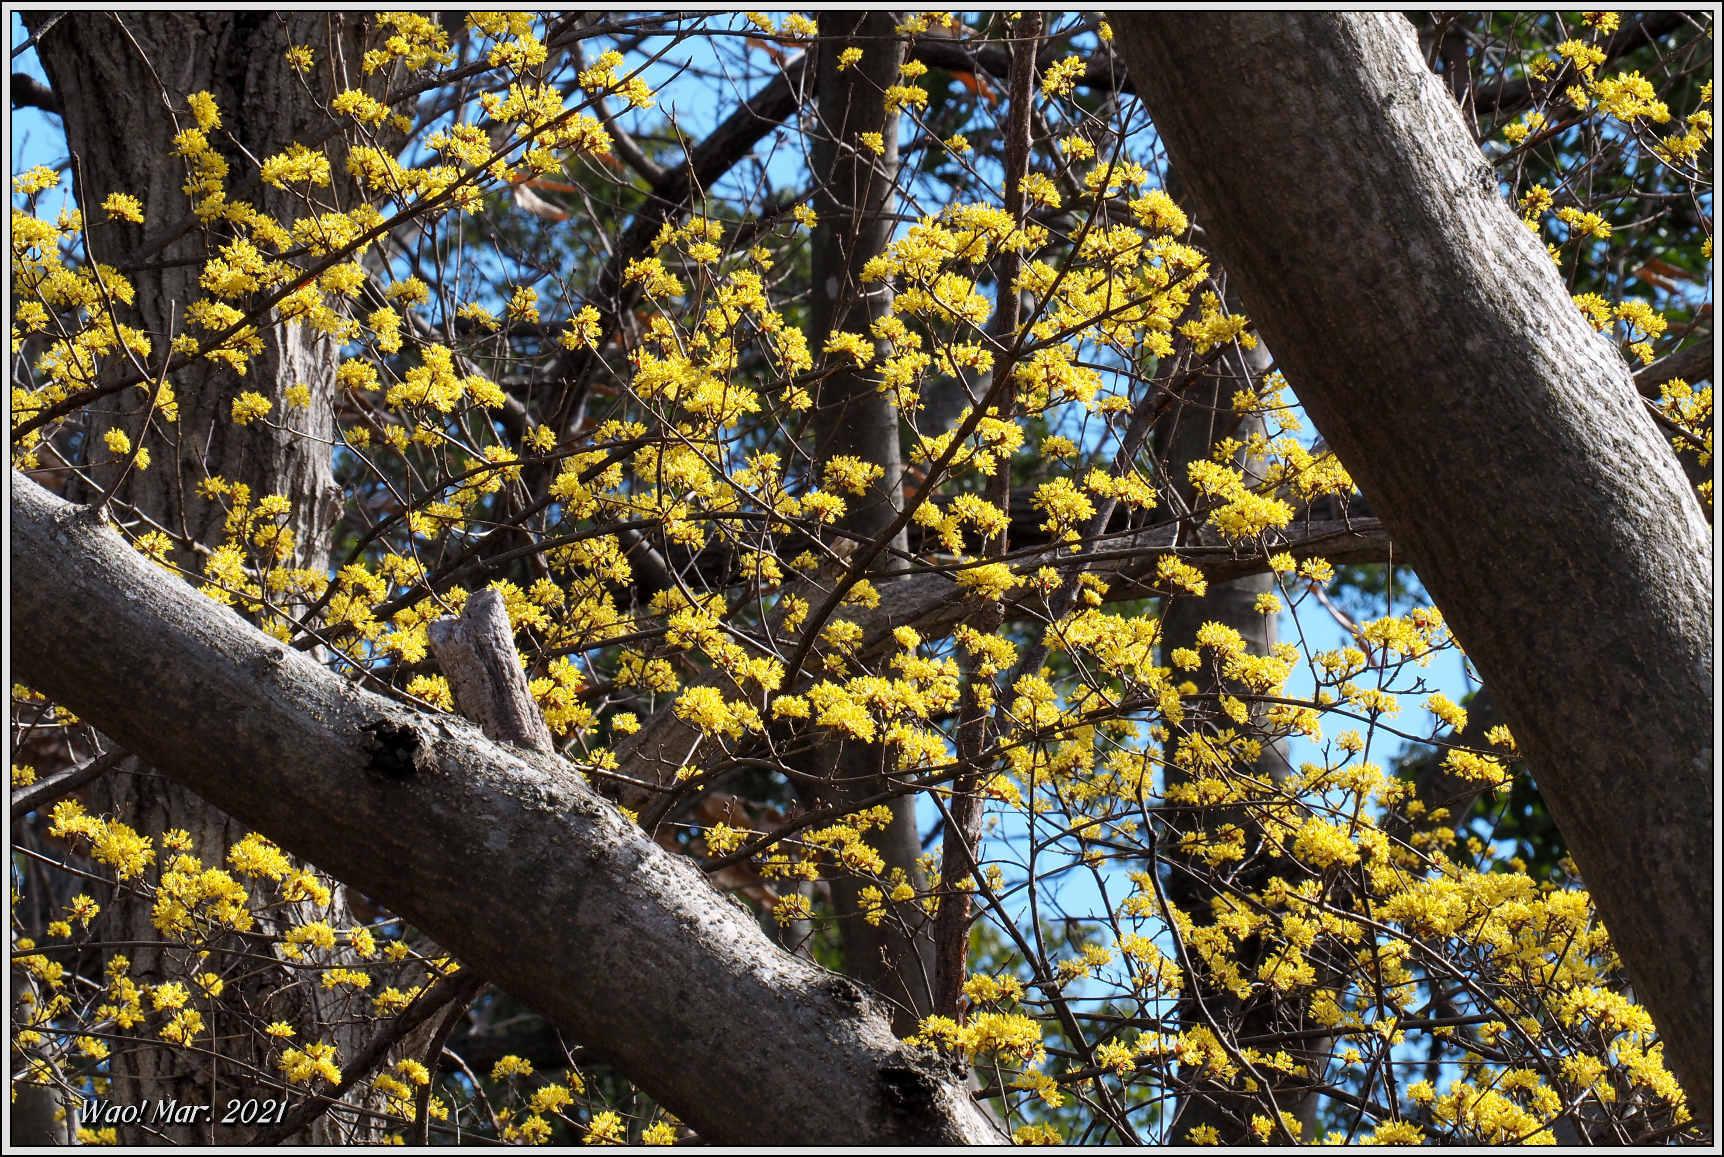 黄金色のサンシュユとピンクのジャノメエリカ_c0198669_18054226.jpg